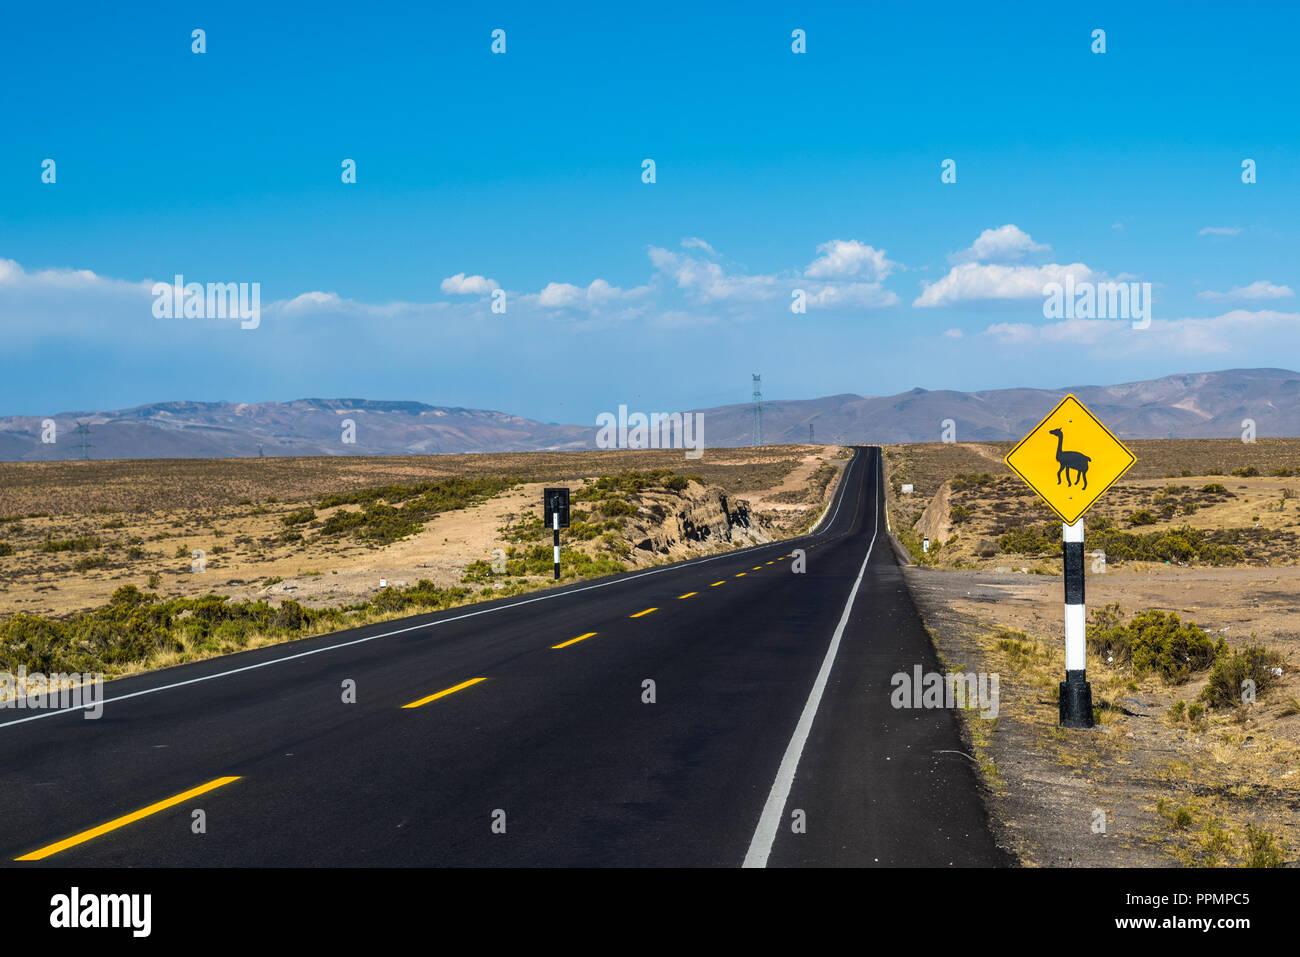 Llama crossing road sign in Peru, South America - Stock Image